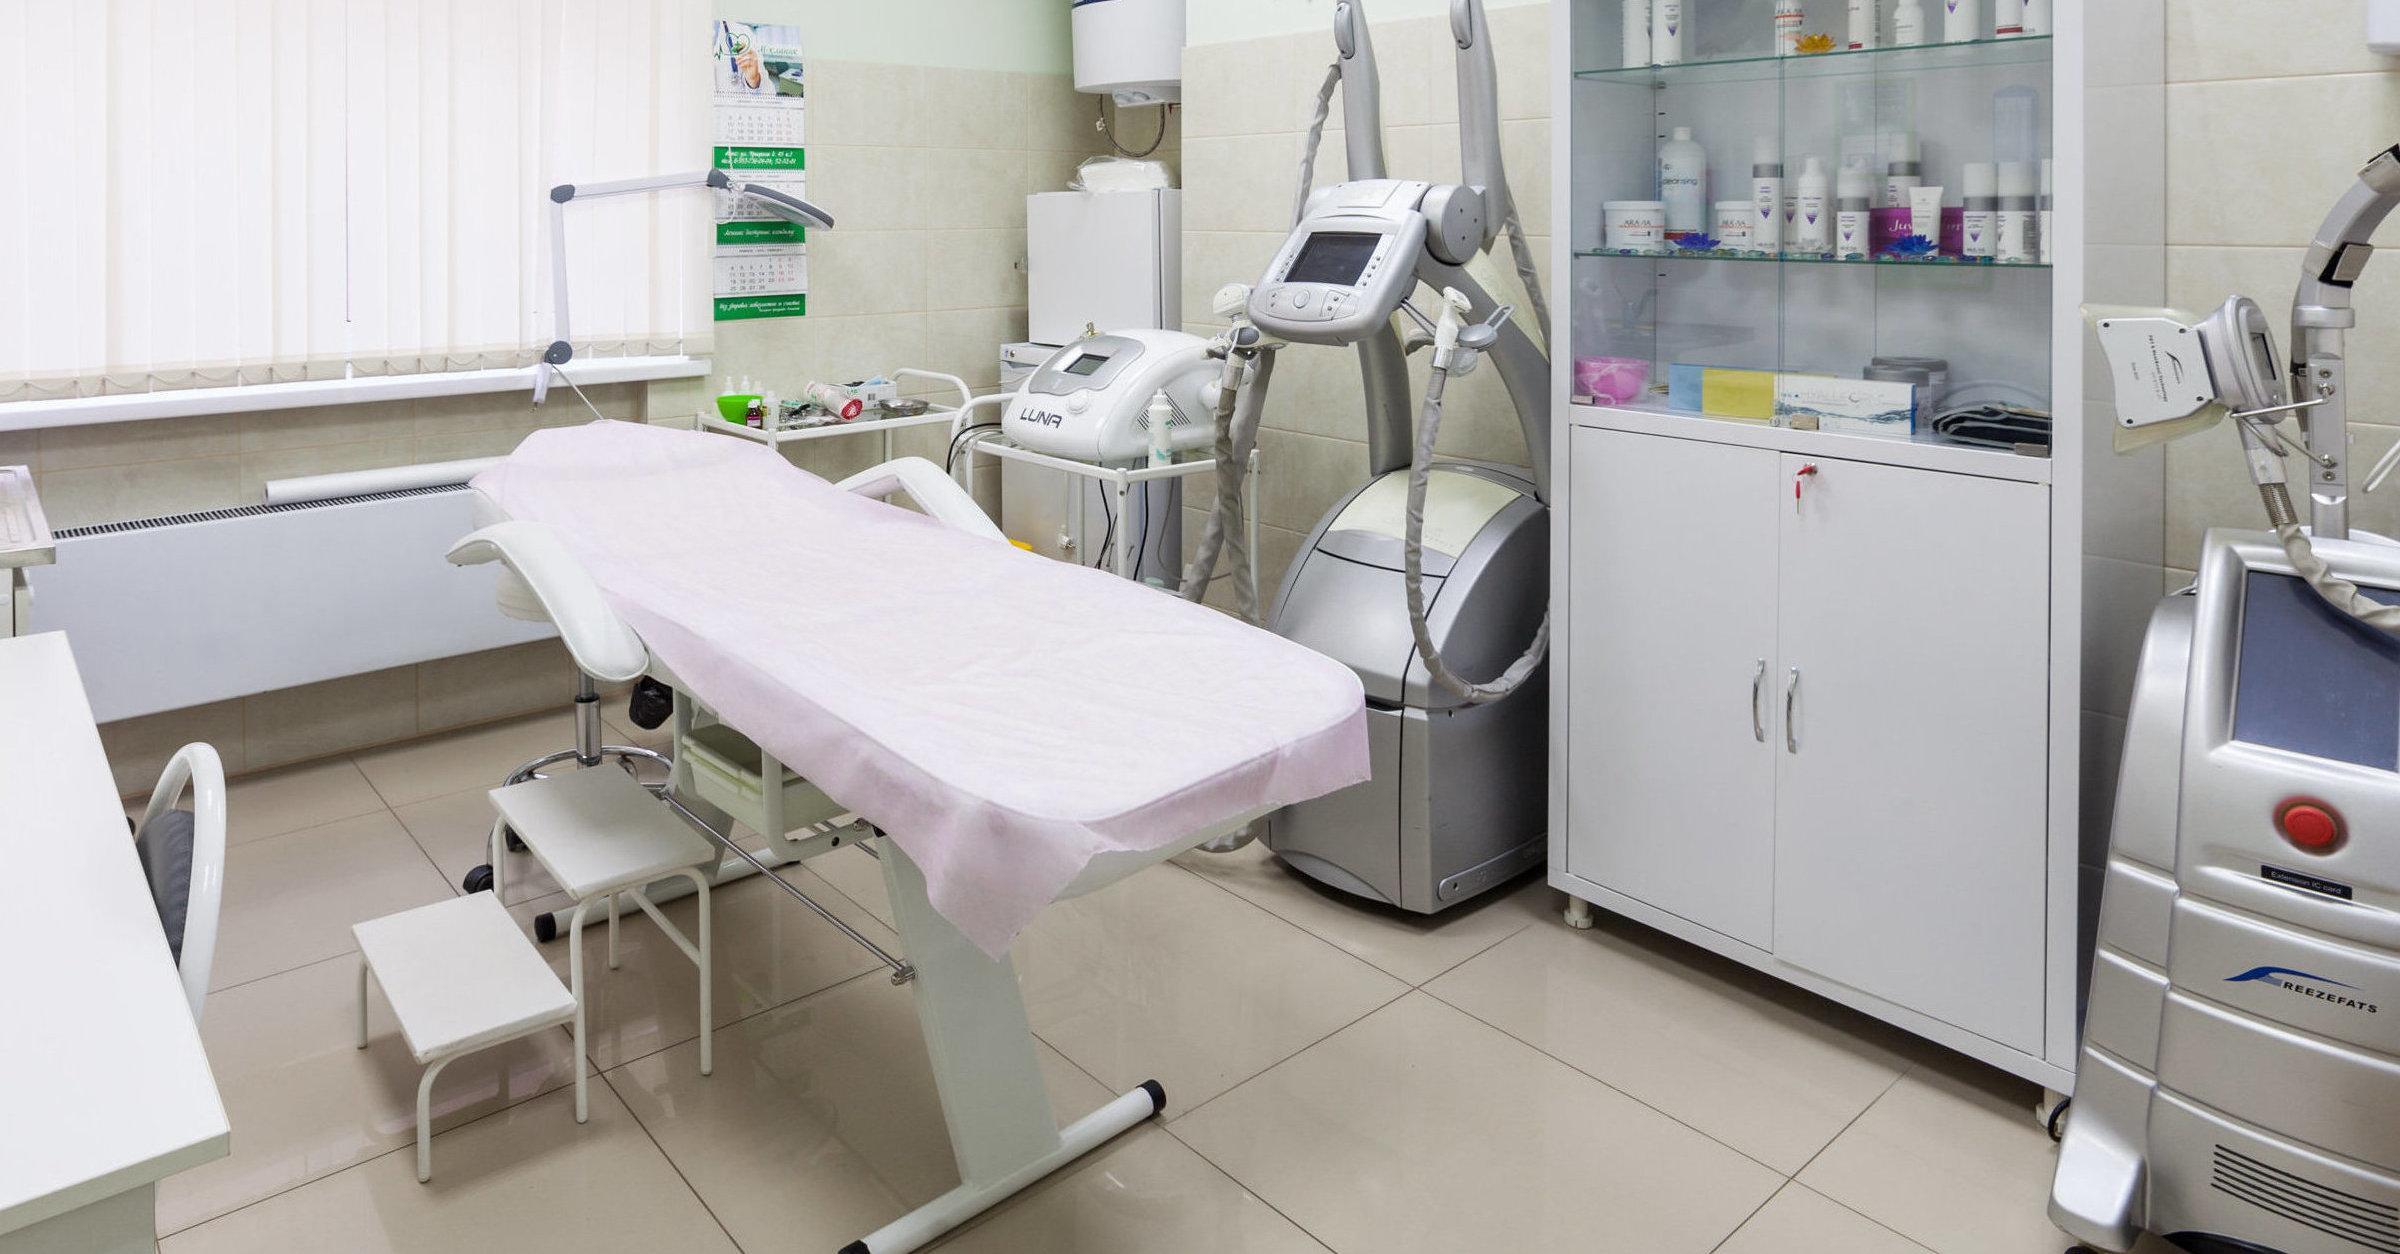 фотография Многопрофильного медицинского центра М-Клиник на улице Урицкого